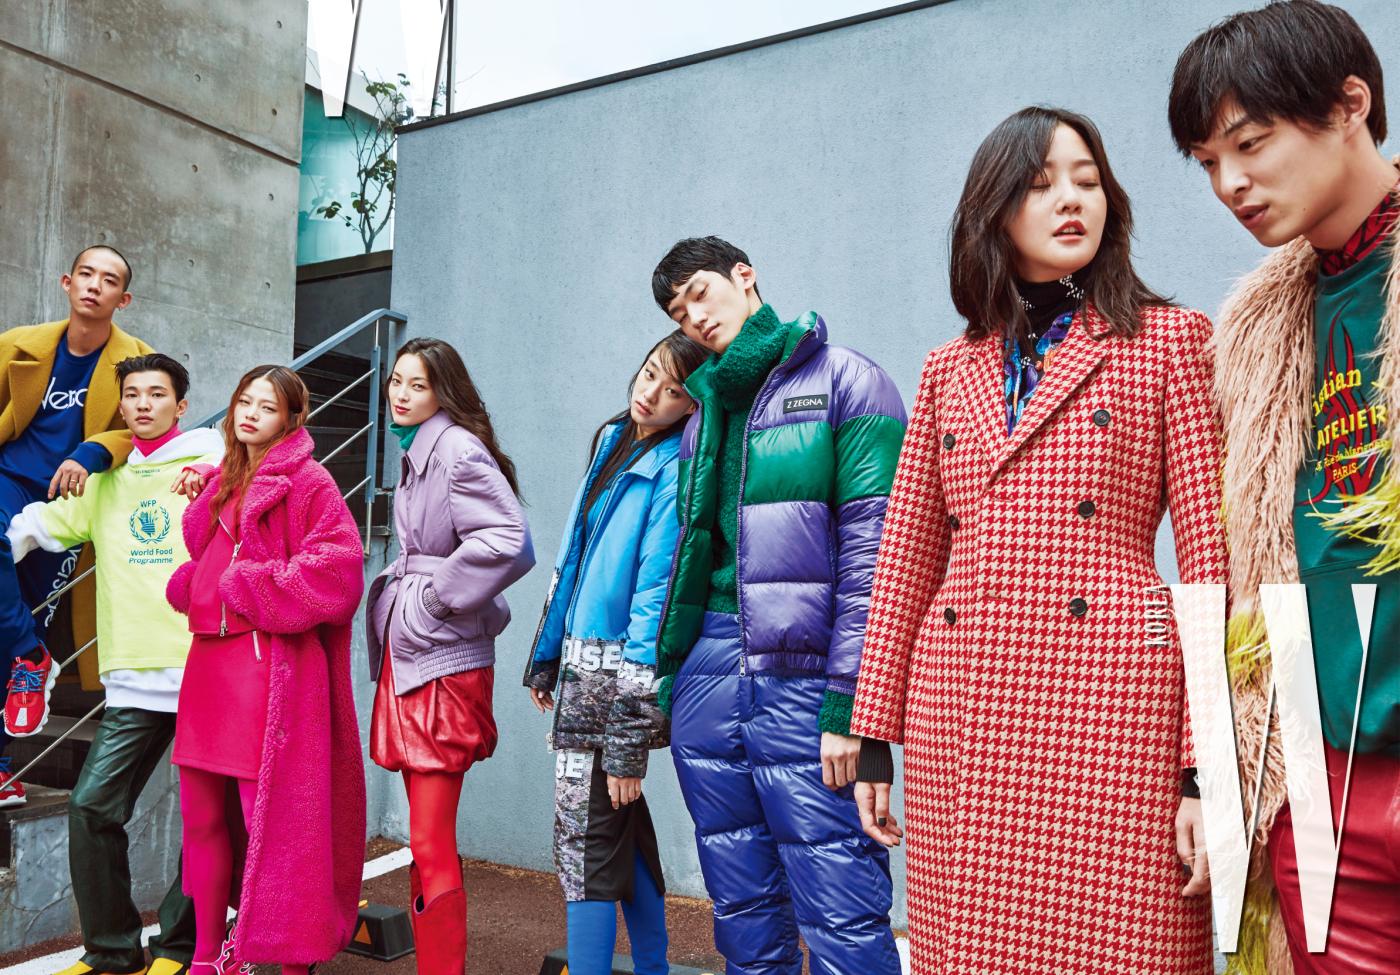 다니엘 오가 입은 노란색 코트는 Wooyoungmi, 톱, 팬츠 스니커즈는 모두 Versace 제품. 전준영이 입은 반팔 톱과 후드, 터틀넥은 모두 Balenciaga, 레더 팬츠는 Ordinary People, 삭스 스니커즈는 Fendi 제품. 김아현이 입은 핑크 퍼 코트는 YCH, 바이커 재킷과 스커트는 Moschino, 불꽃 모양 힐은 Prada 제품. 티아나가 입은 재킷과 스커트, 넥워머는 모두 Miu Miu, 롱 부츠는 Roger Vivier 제품. 김설희가 입은 재킷과 스커트는 Push Button, 파란색 싸이하이 부츠는 Balenciaga 제품. 정용수가 입은 패딩, 터틀넥, 팬츠는 모두 Z Zegna 제품. 강승현이 입은 체크 코트와 셔츠, 니트는 모두 Balenciaga 제품. 박경진이 입은 퍼 코트는 Dries Van Noten, 셔츠와 톱은 Dior Homme, 빨간색 레더 팬츠는 Ordinary People 제품.